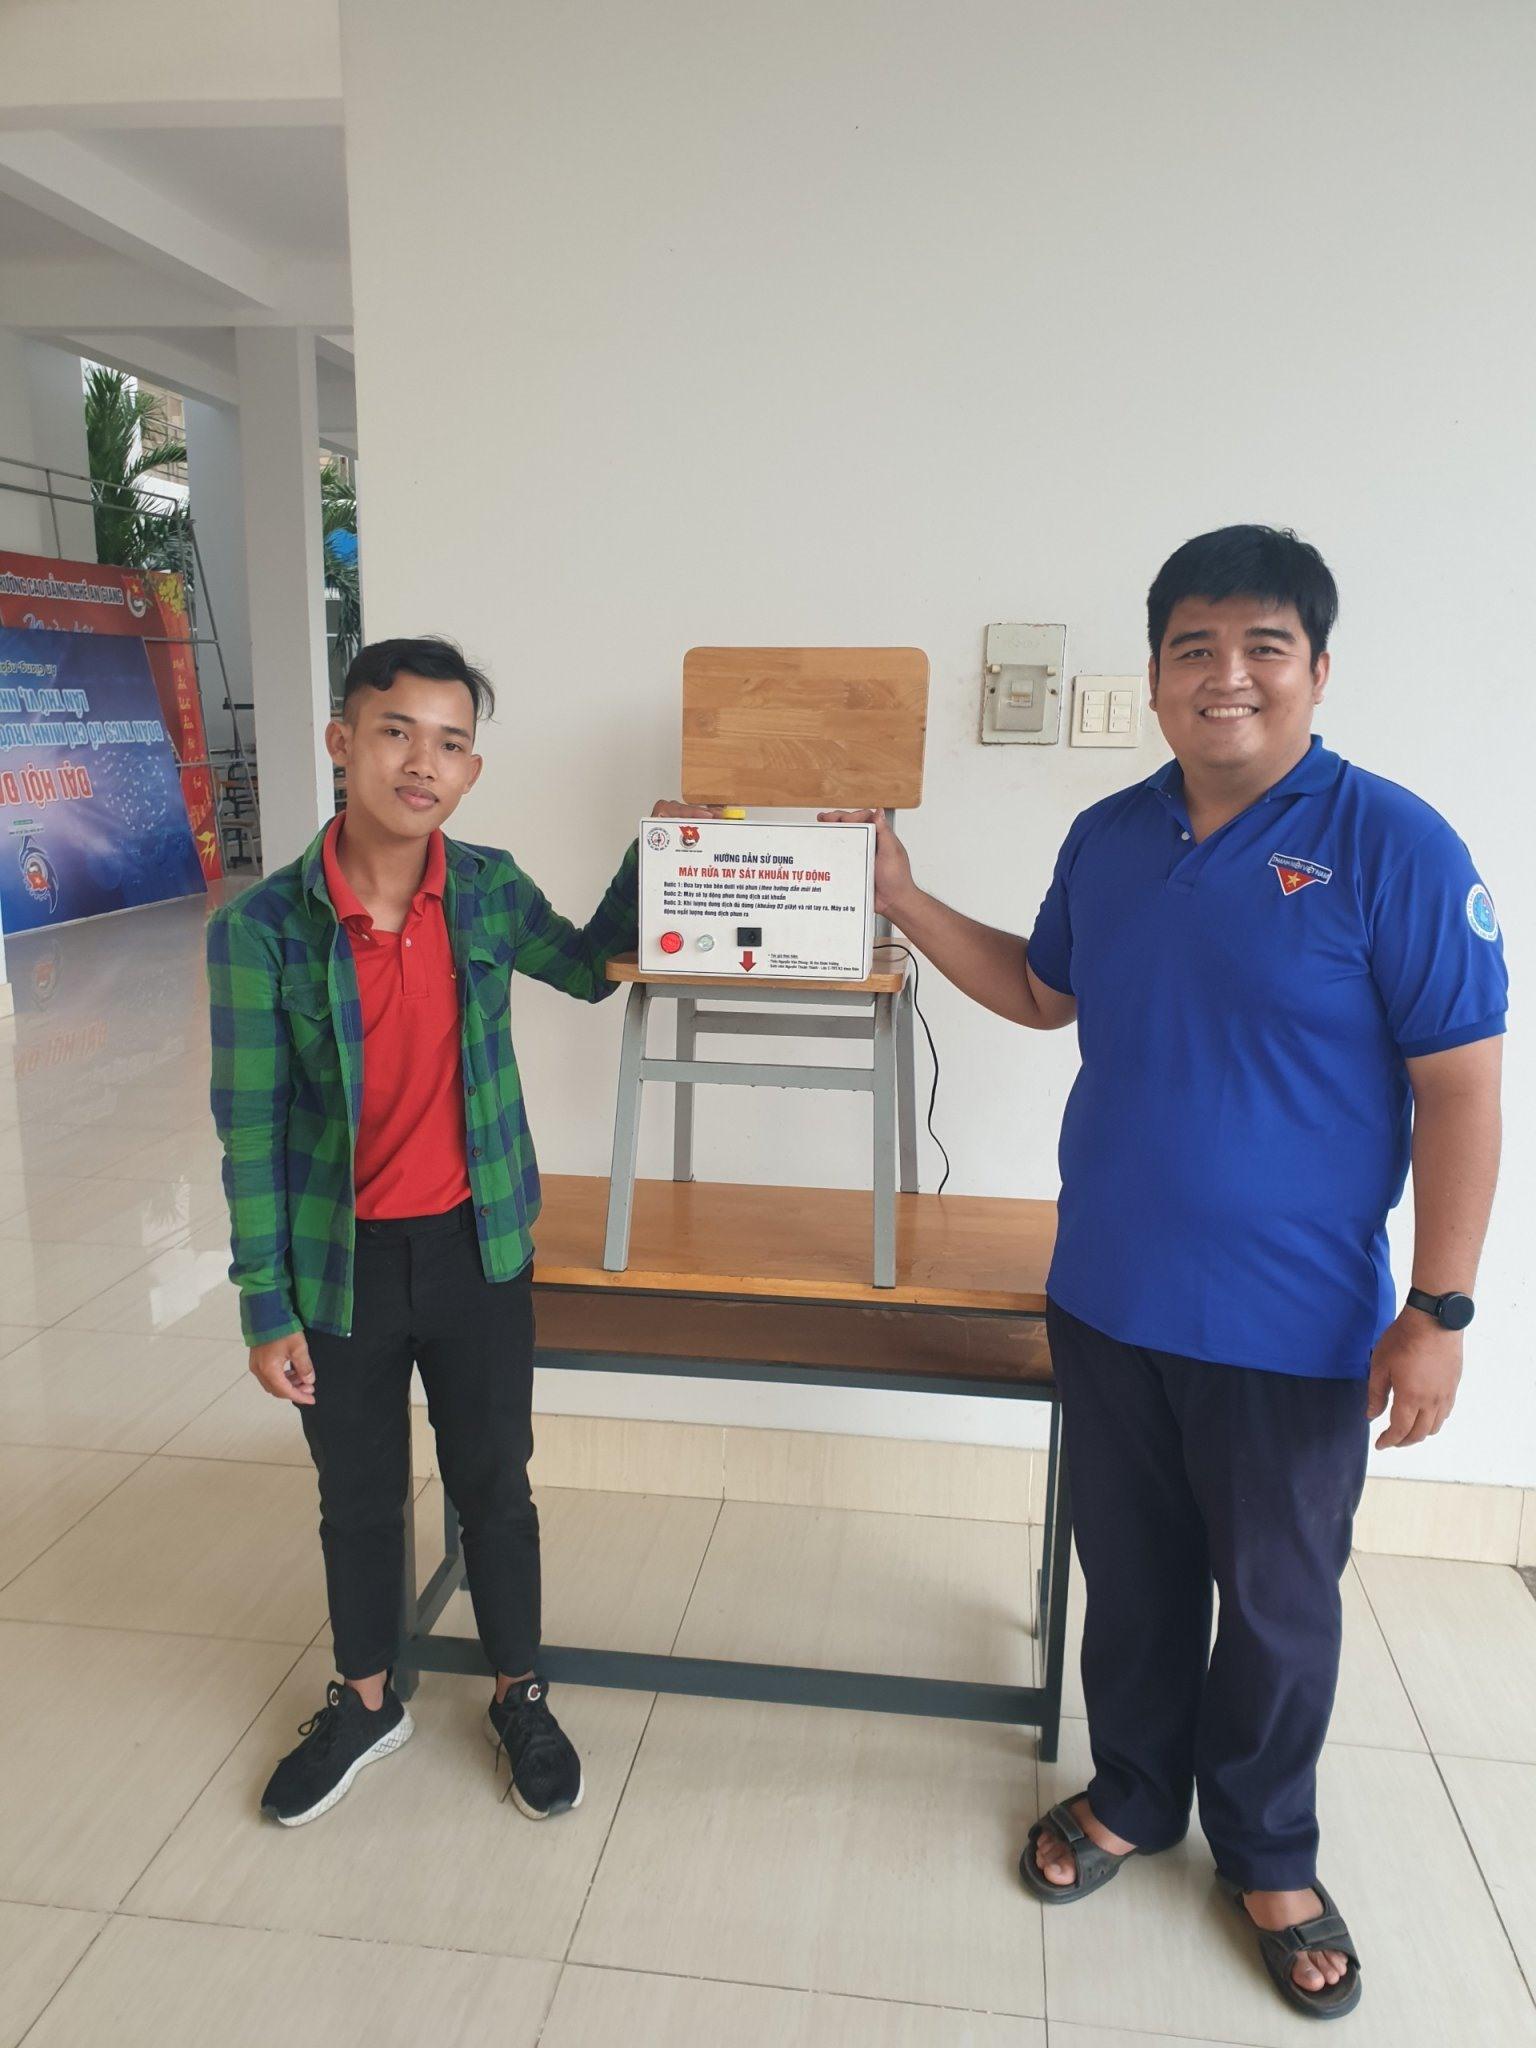 Nguyễn Thanh Phong (phải) bên sản phẩm máy rửa tay sát khuẩn tự động của mình. Ảnh: Cẩm Tú